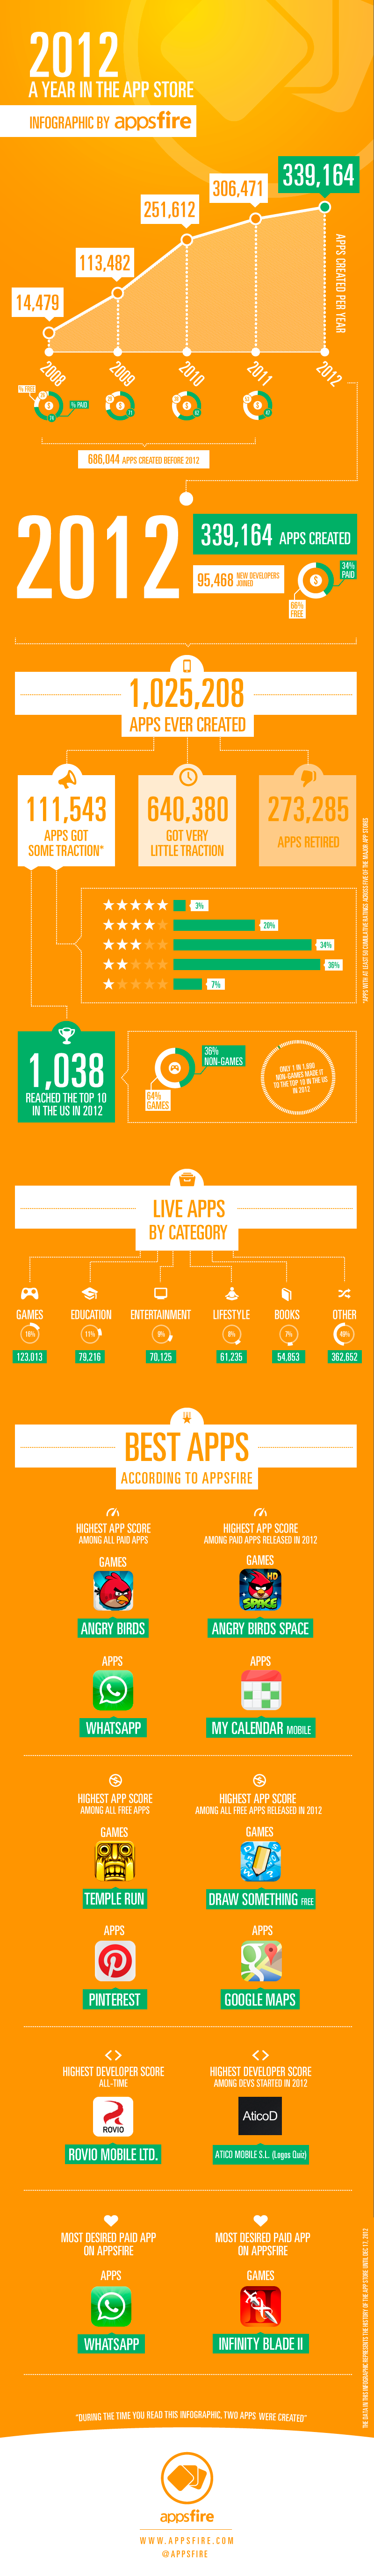 Infográfico - 2012 na App Store